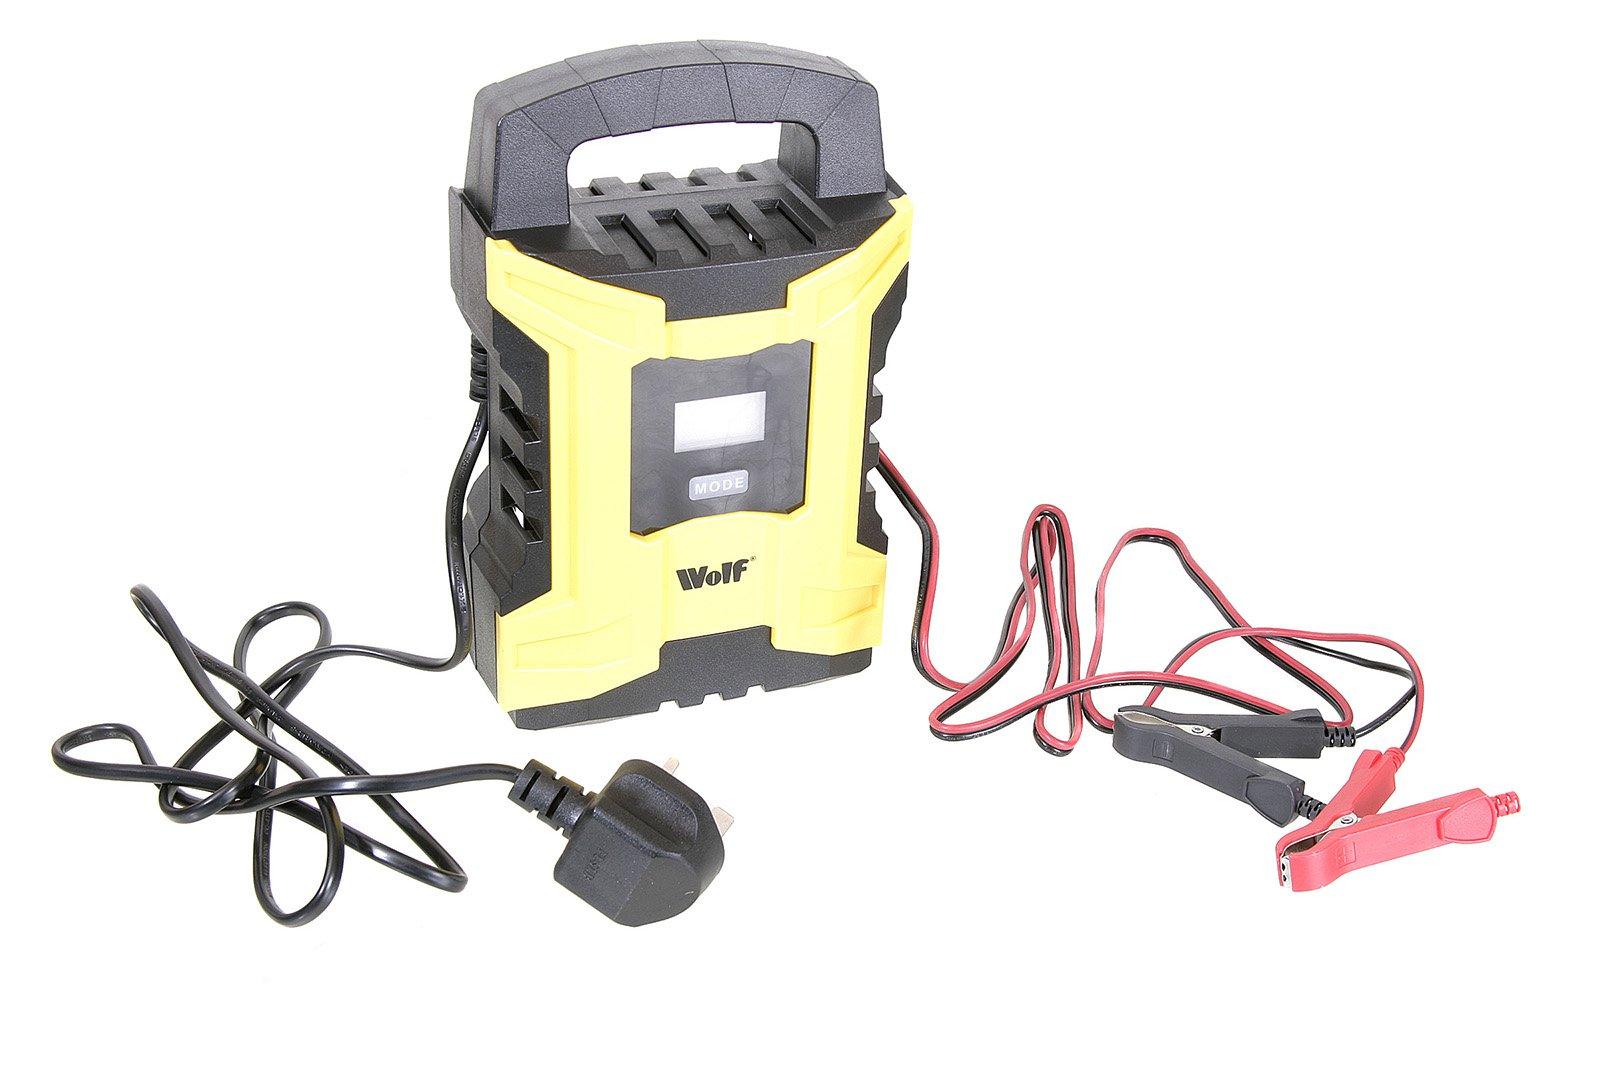 Smart battery charger 2021 - Wolf WBC180